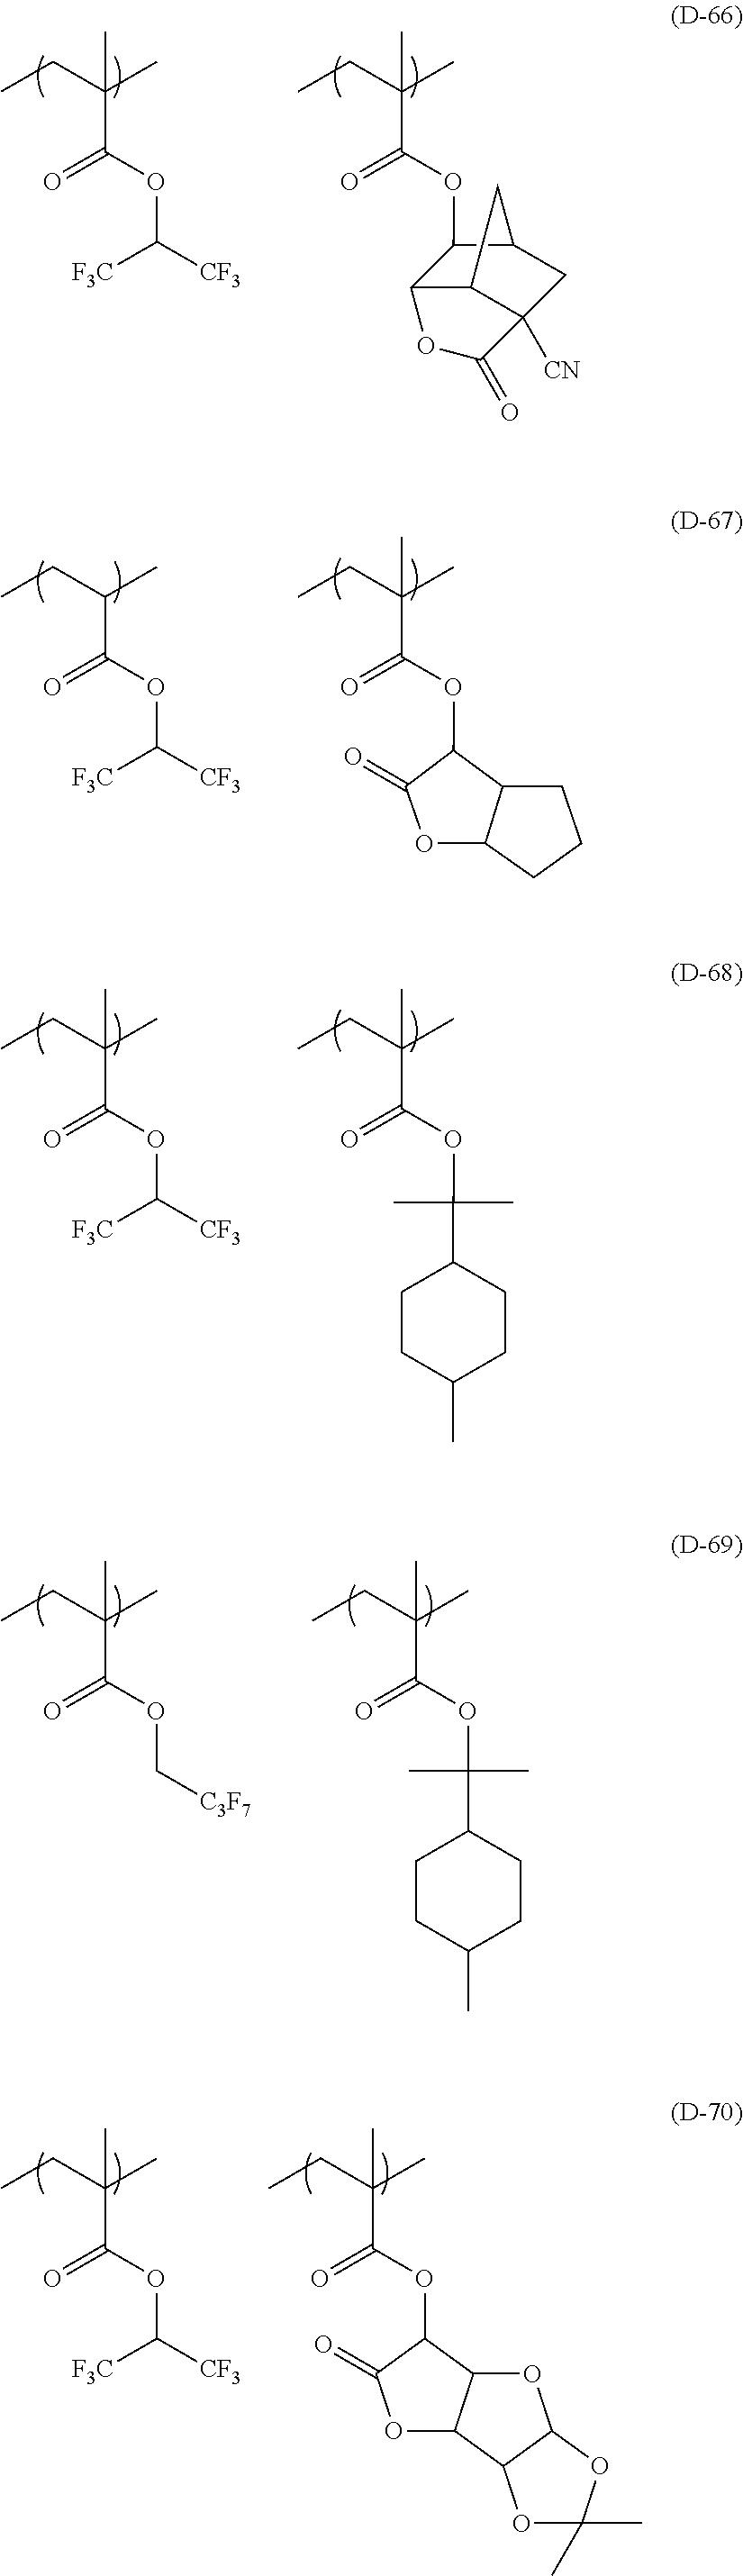 Figure US08632942-20140121-C00104